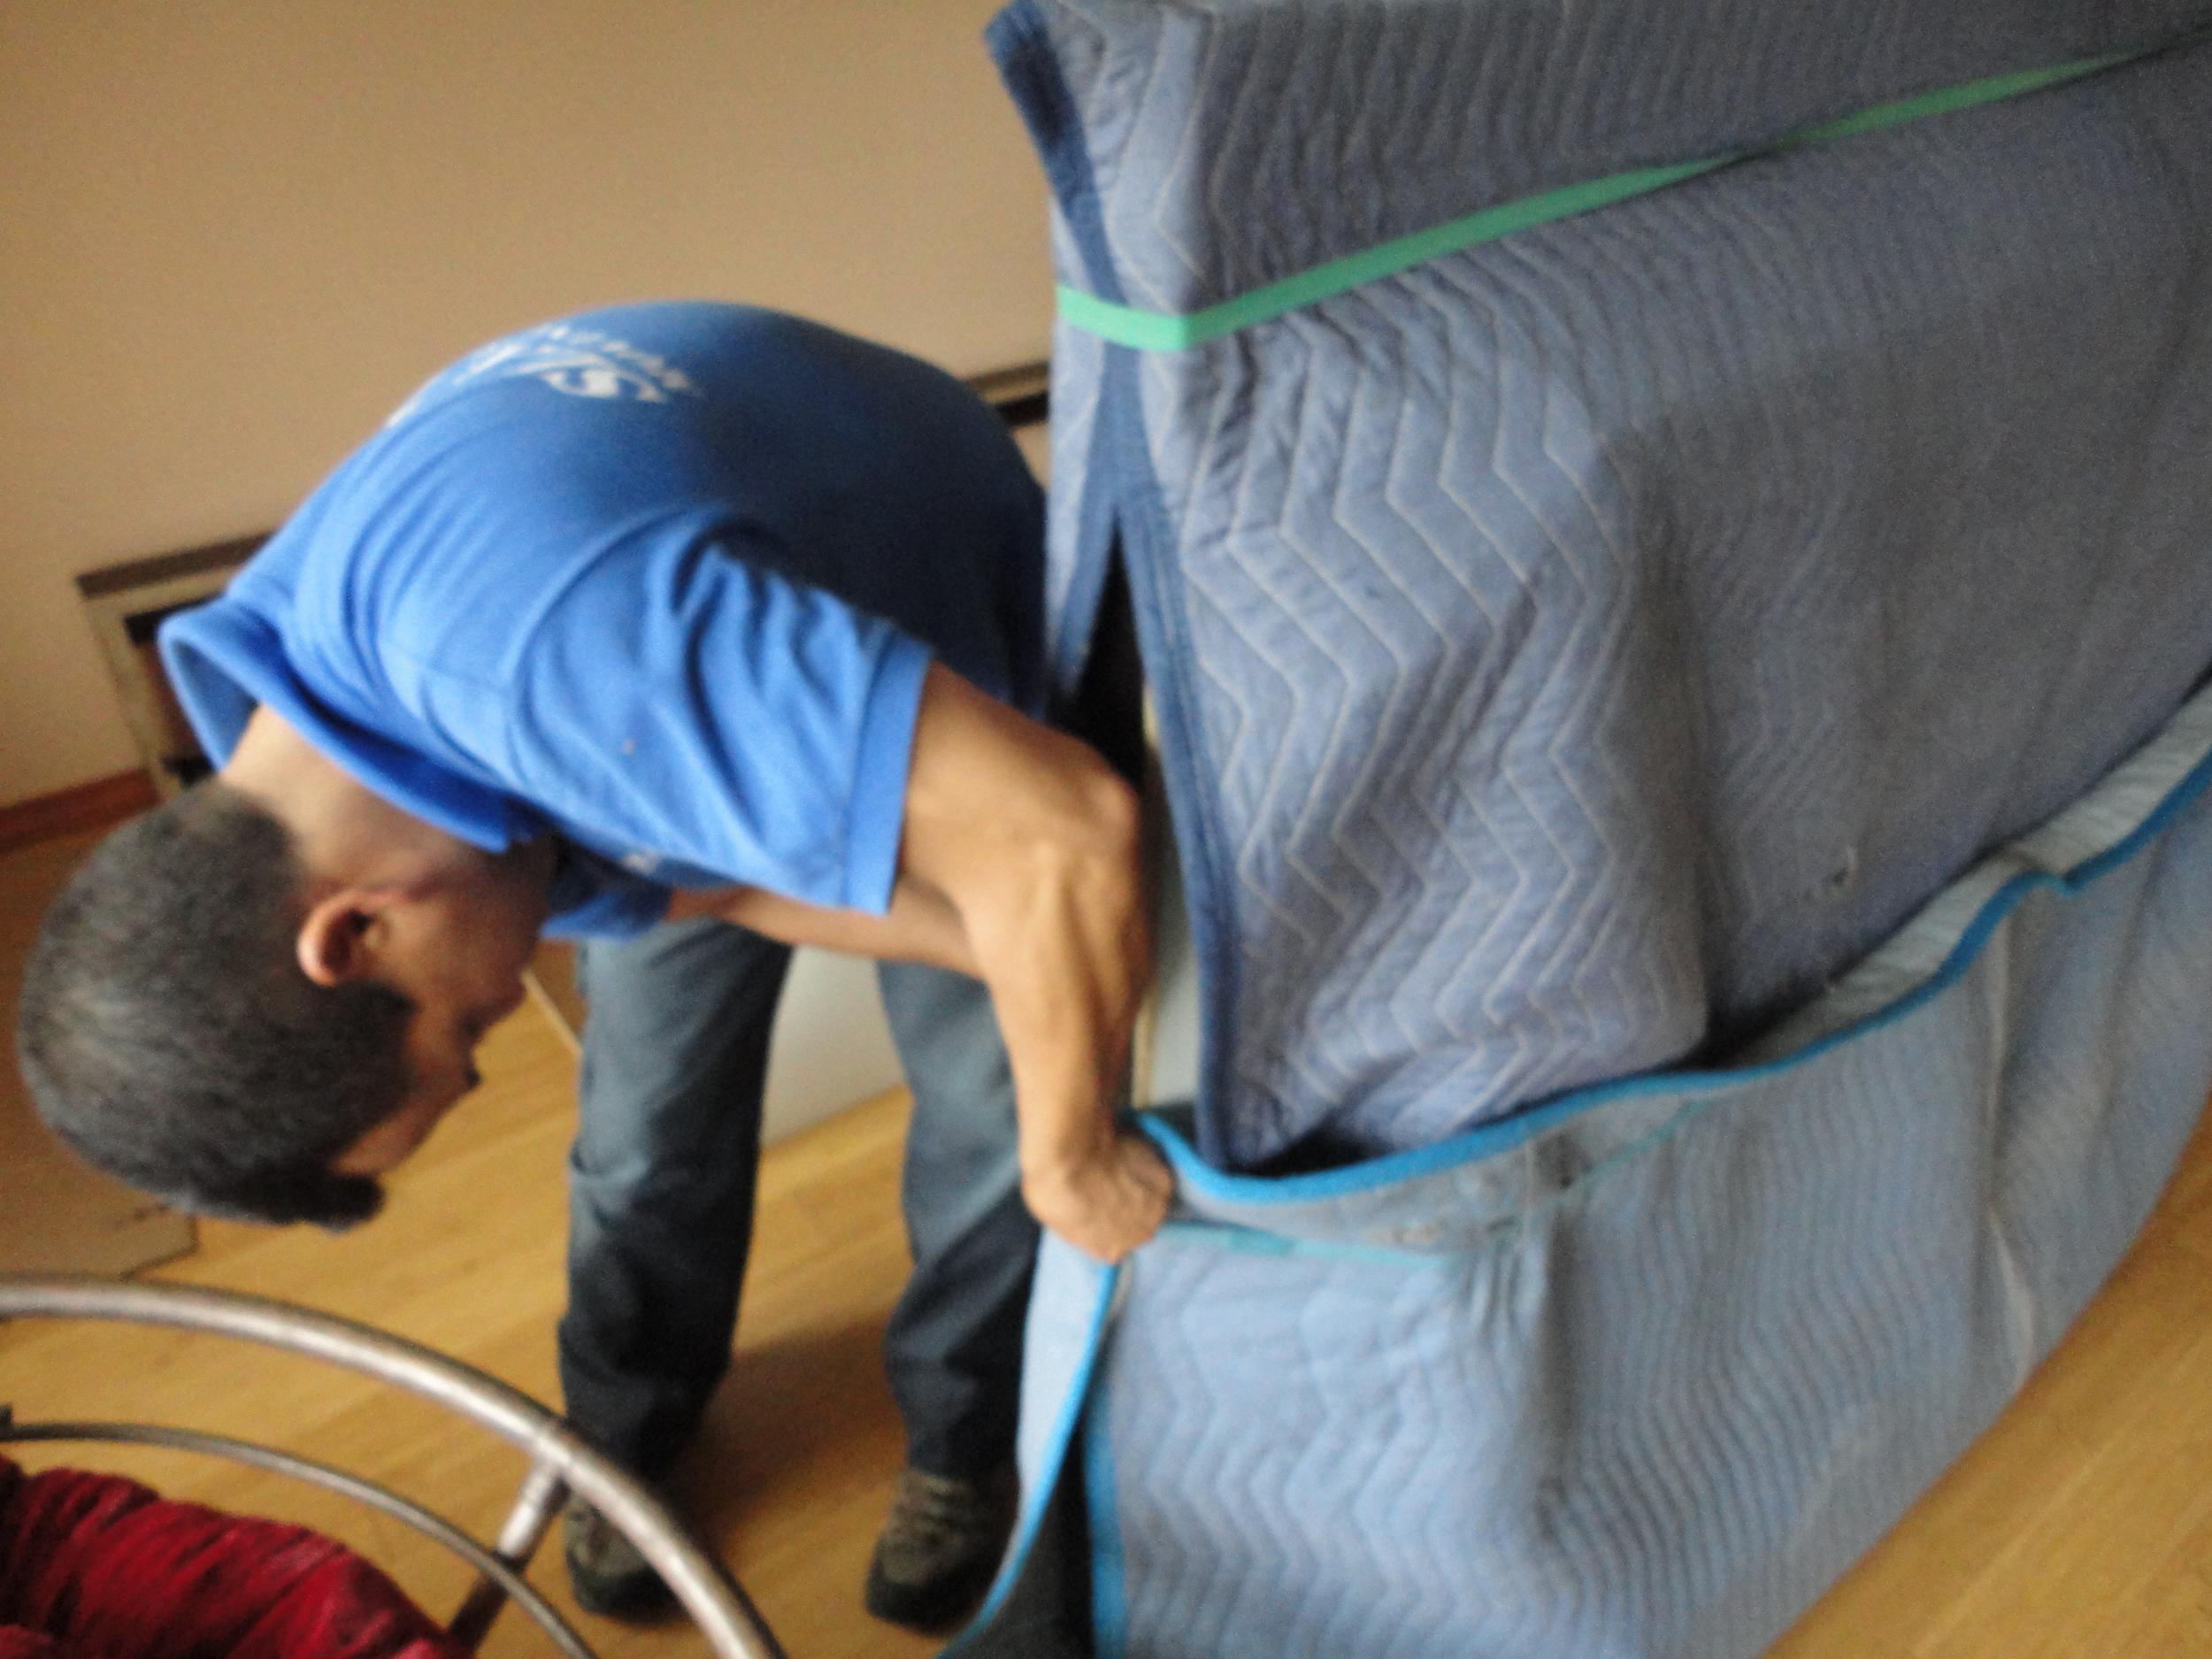 packing-8.JPG